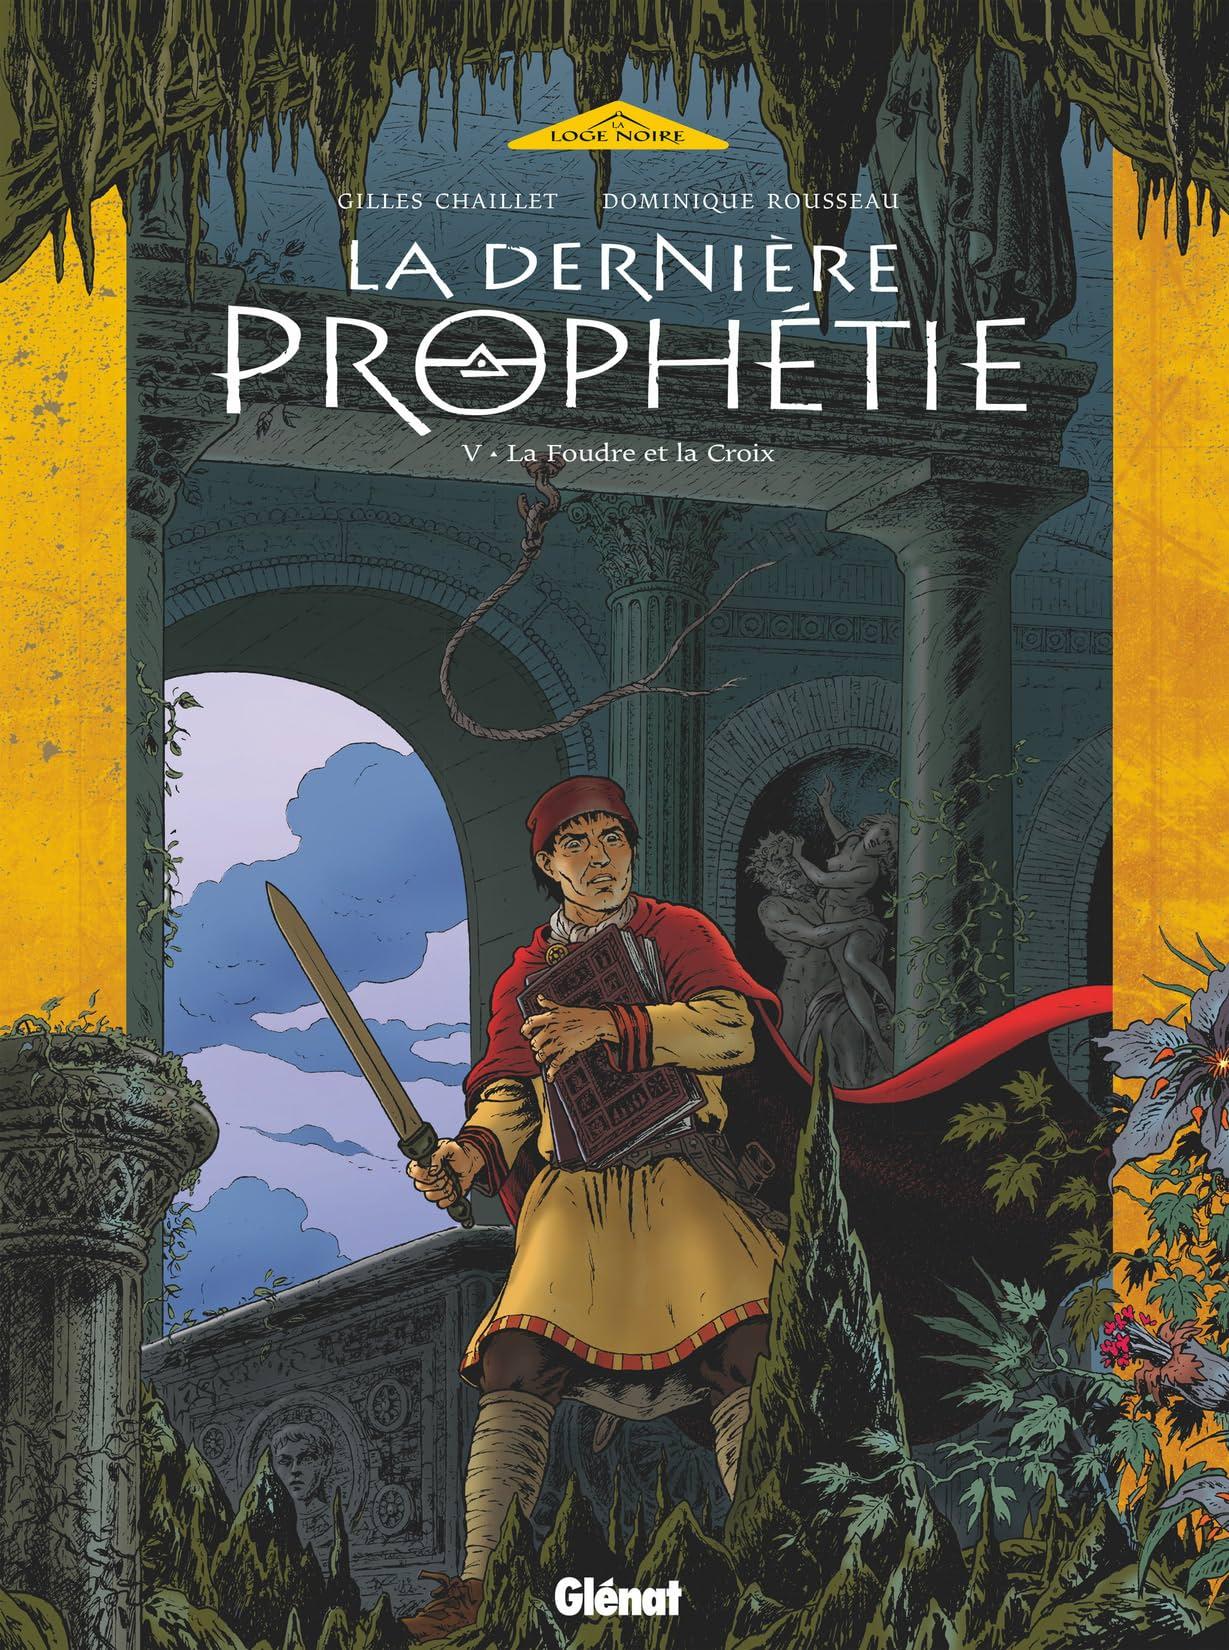 La Dernière Prophétie Vol. 5: La Foudre et la Croix